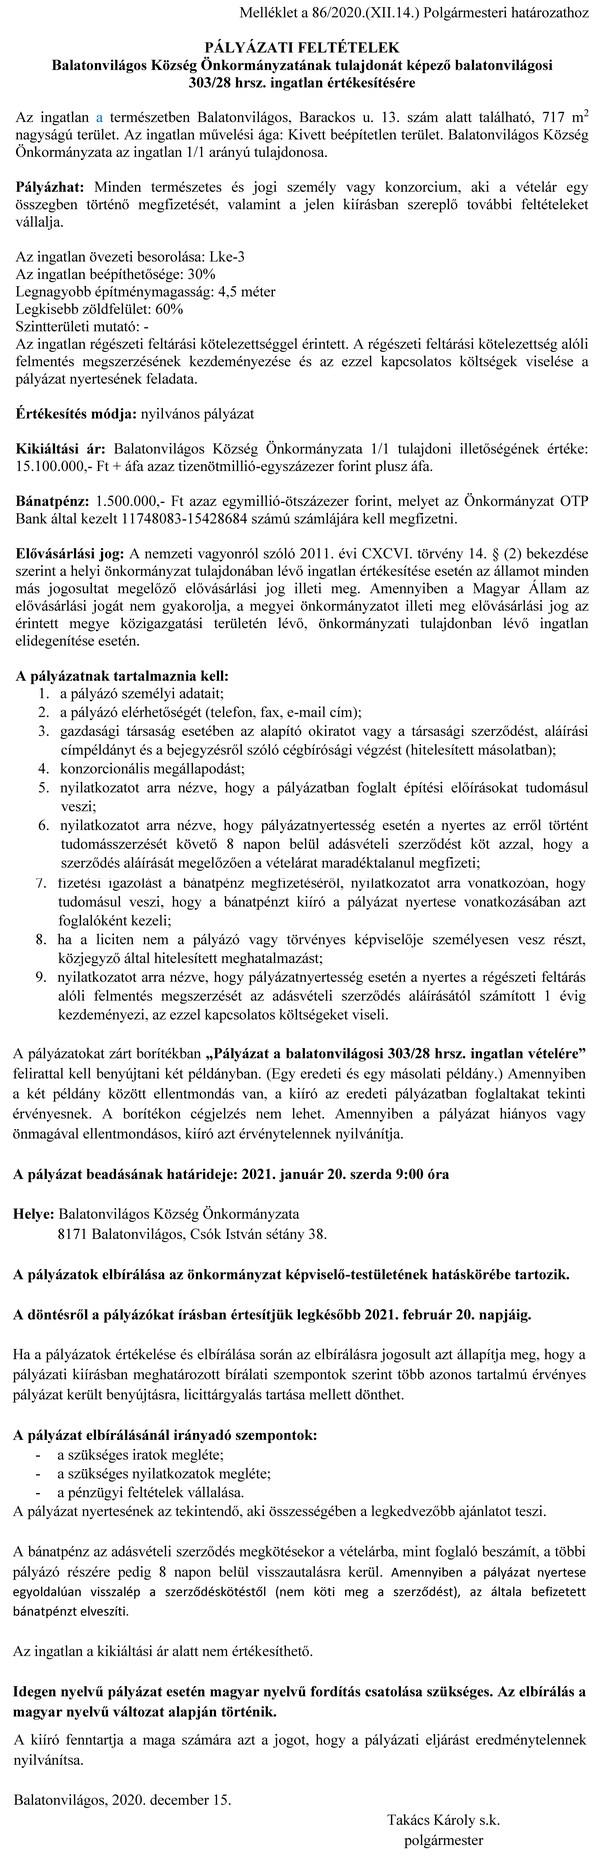 magyar-angol fordítás erre a szóra: elveszti egyensúlyát